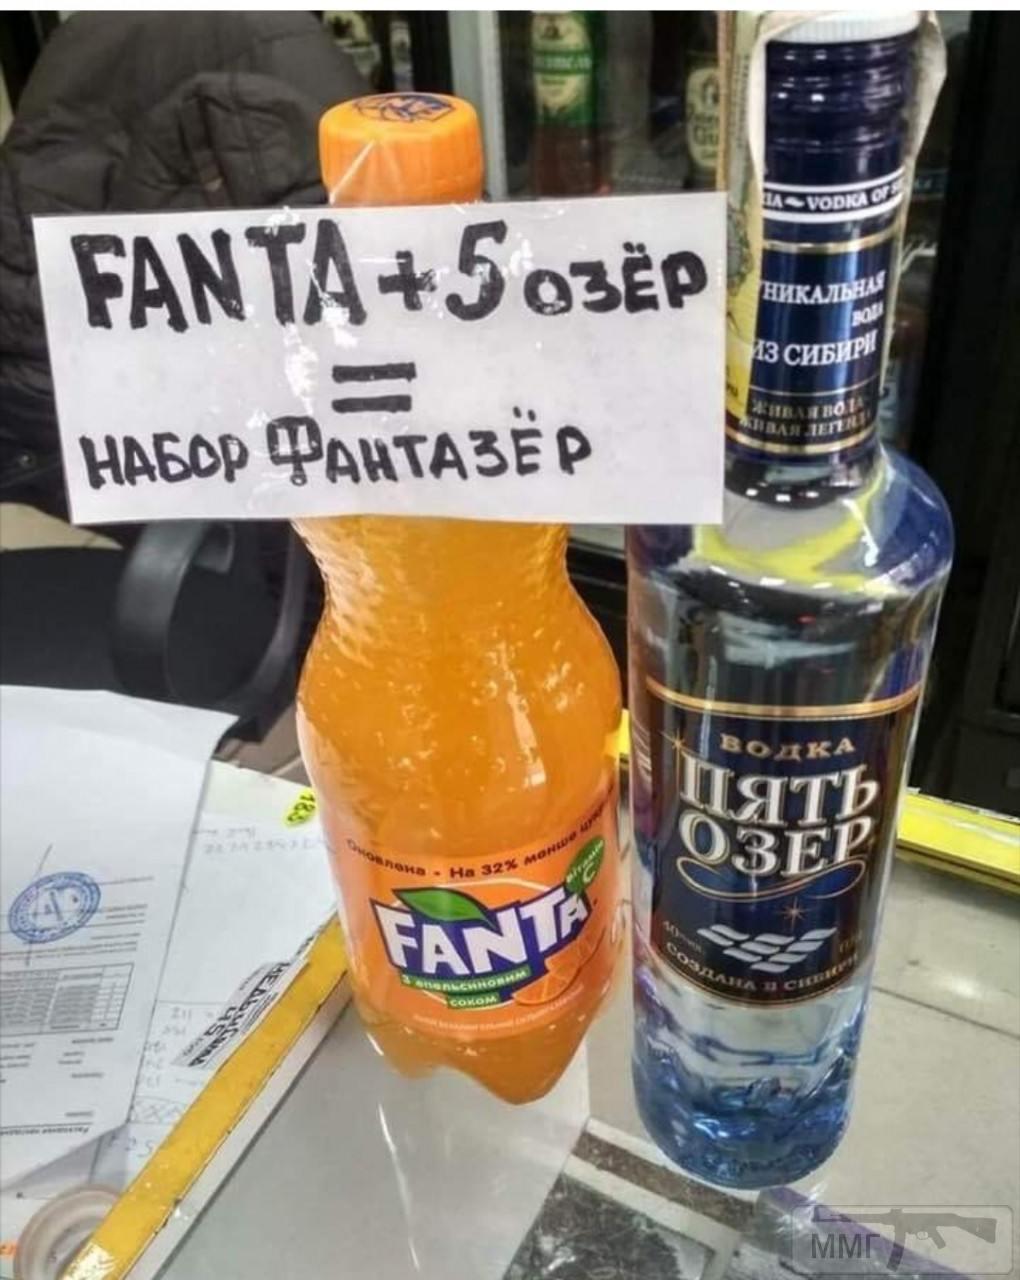 85339 - Пить или не пить? - пятничная алкогольная тема )))